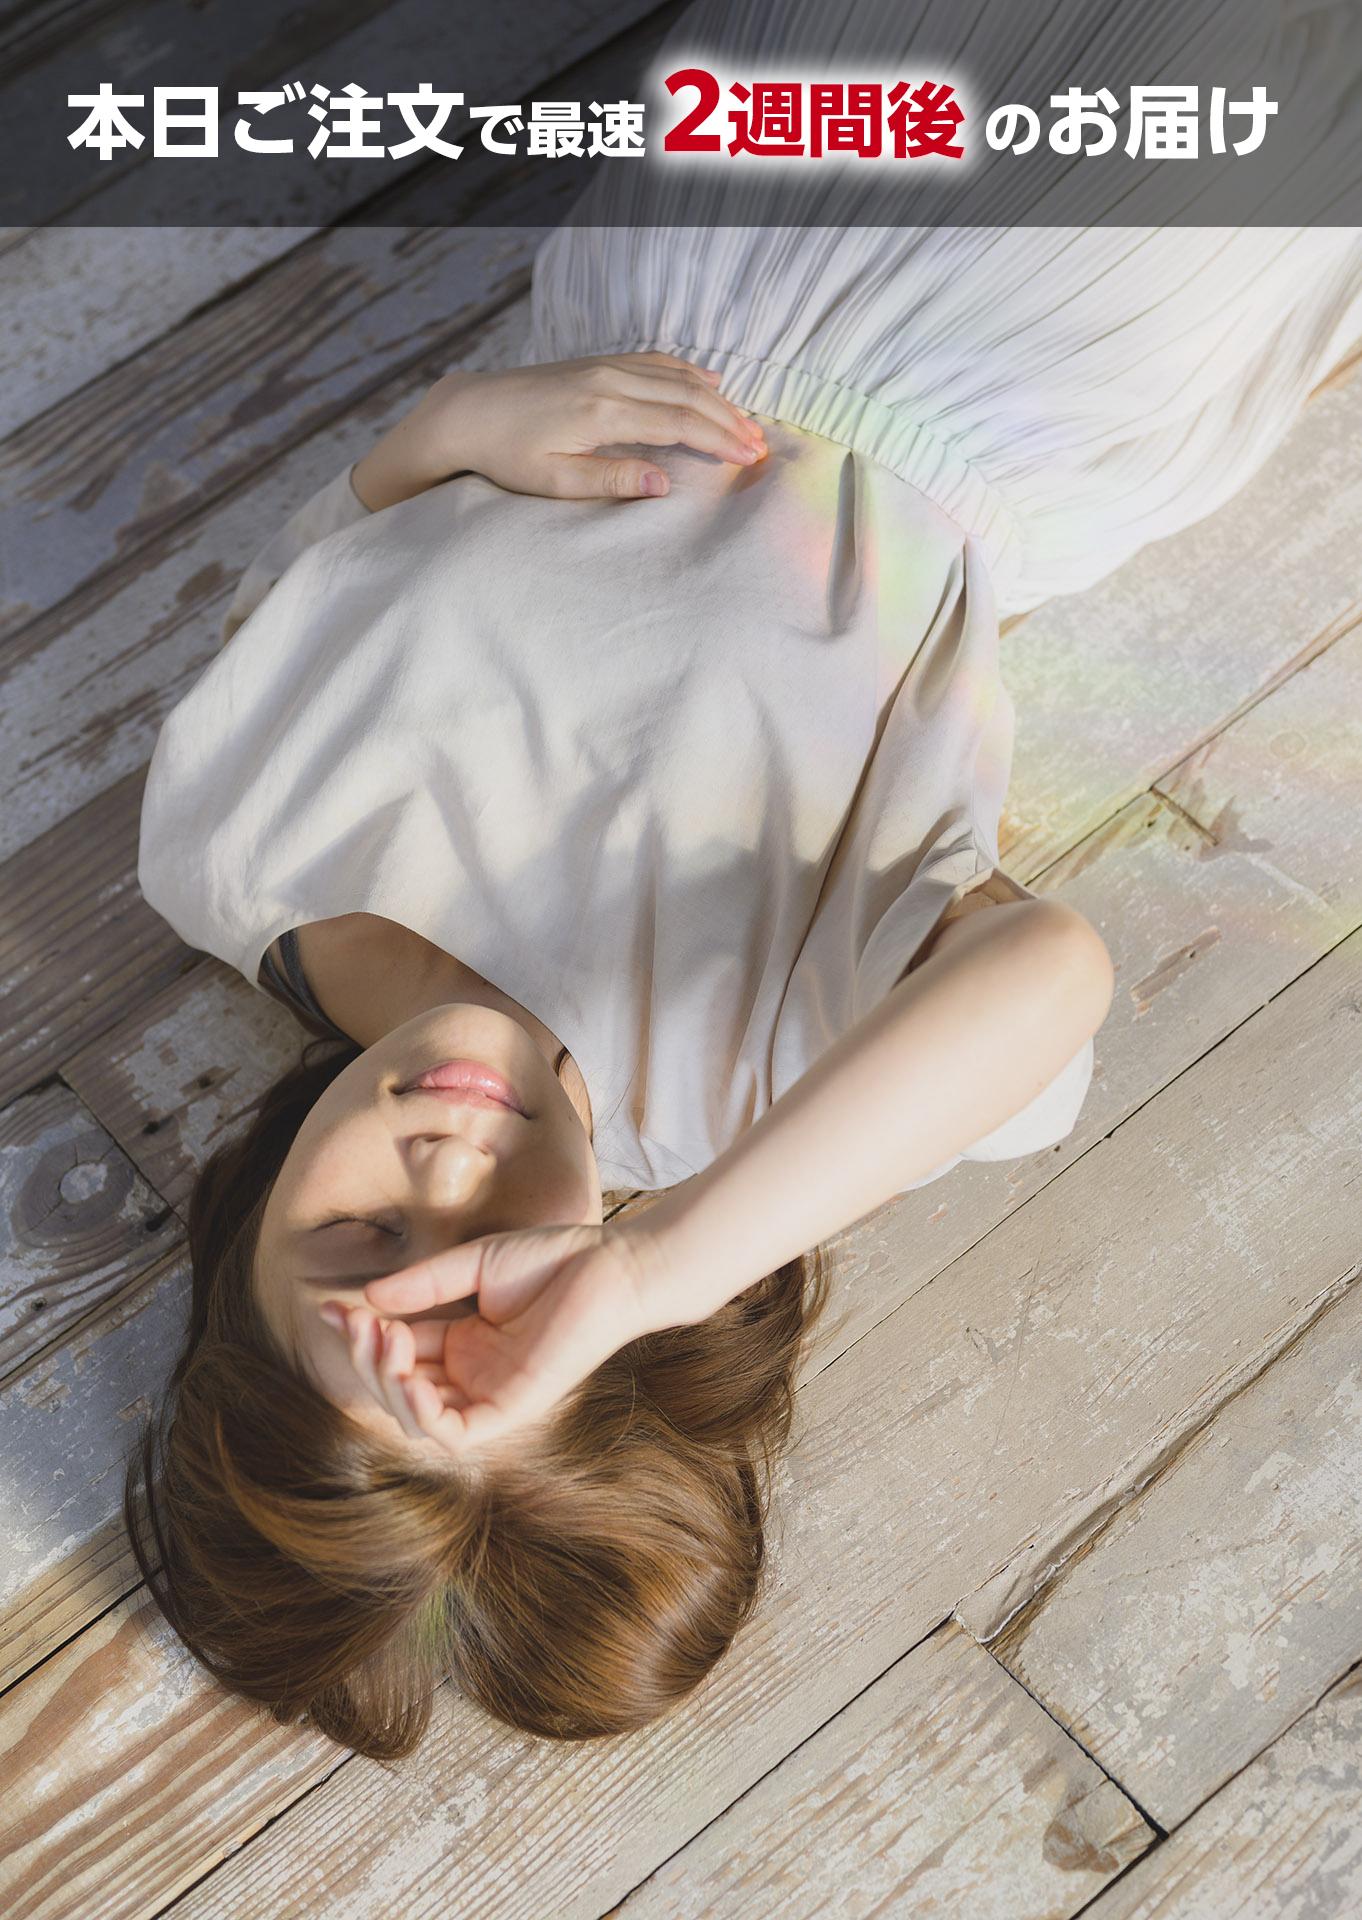 薄黄檗 - USUKIHADA / ブラウス